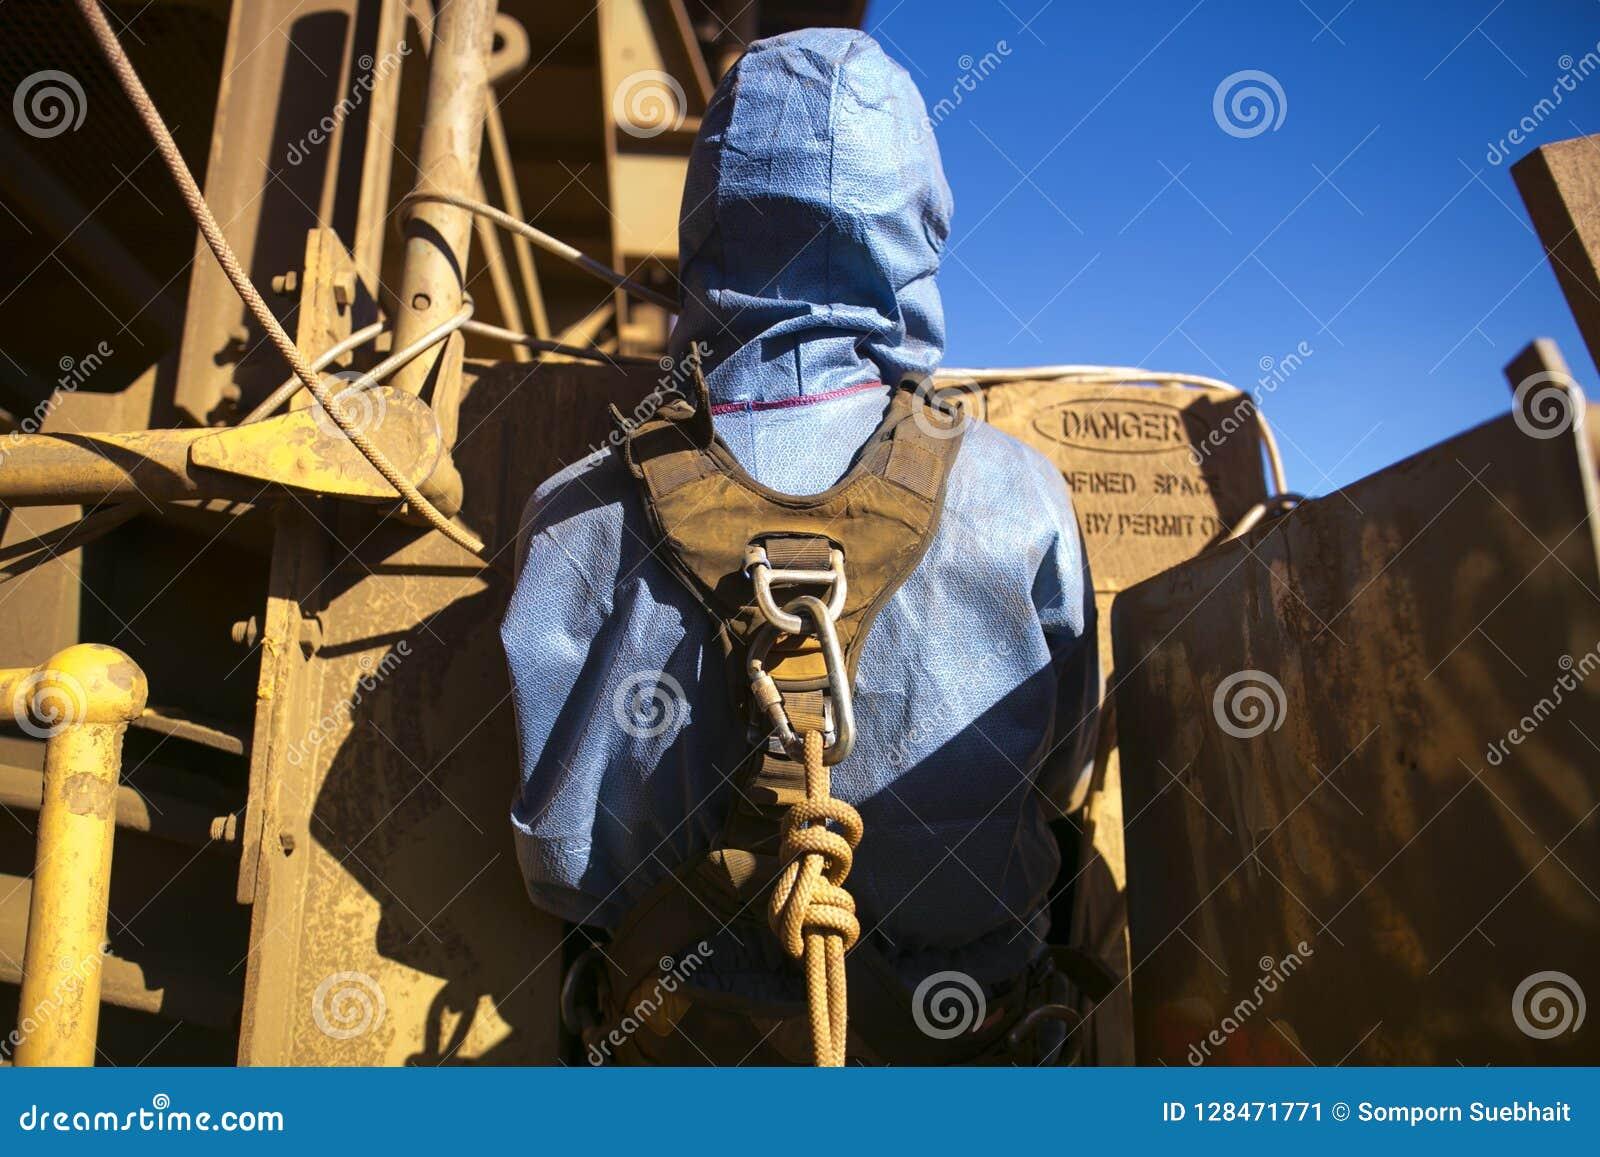 Rope ремни безопасности горнорабочей доступа нося подключая в Karabiner которое прикрепило на веревочке заднюю часть его петли пр